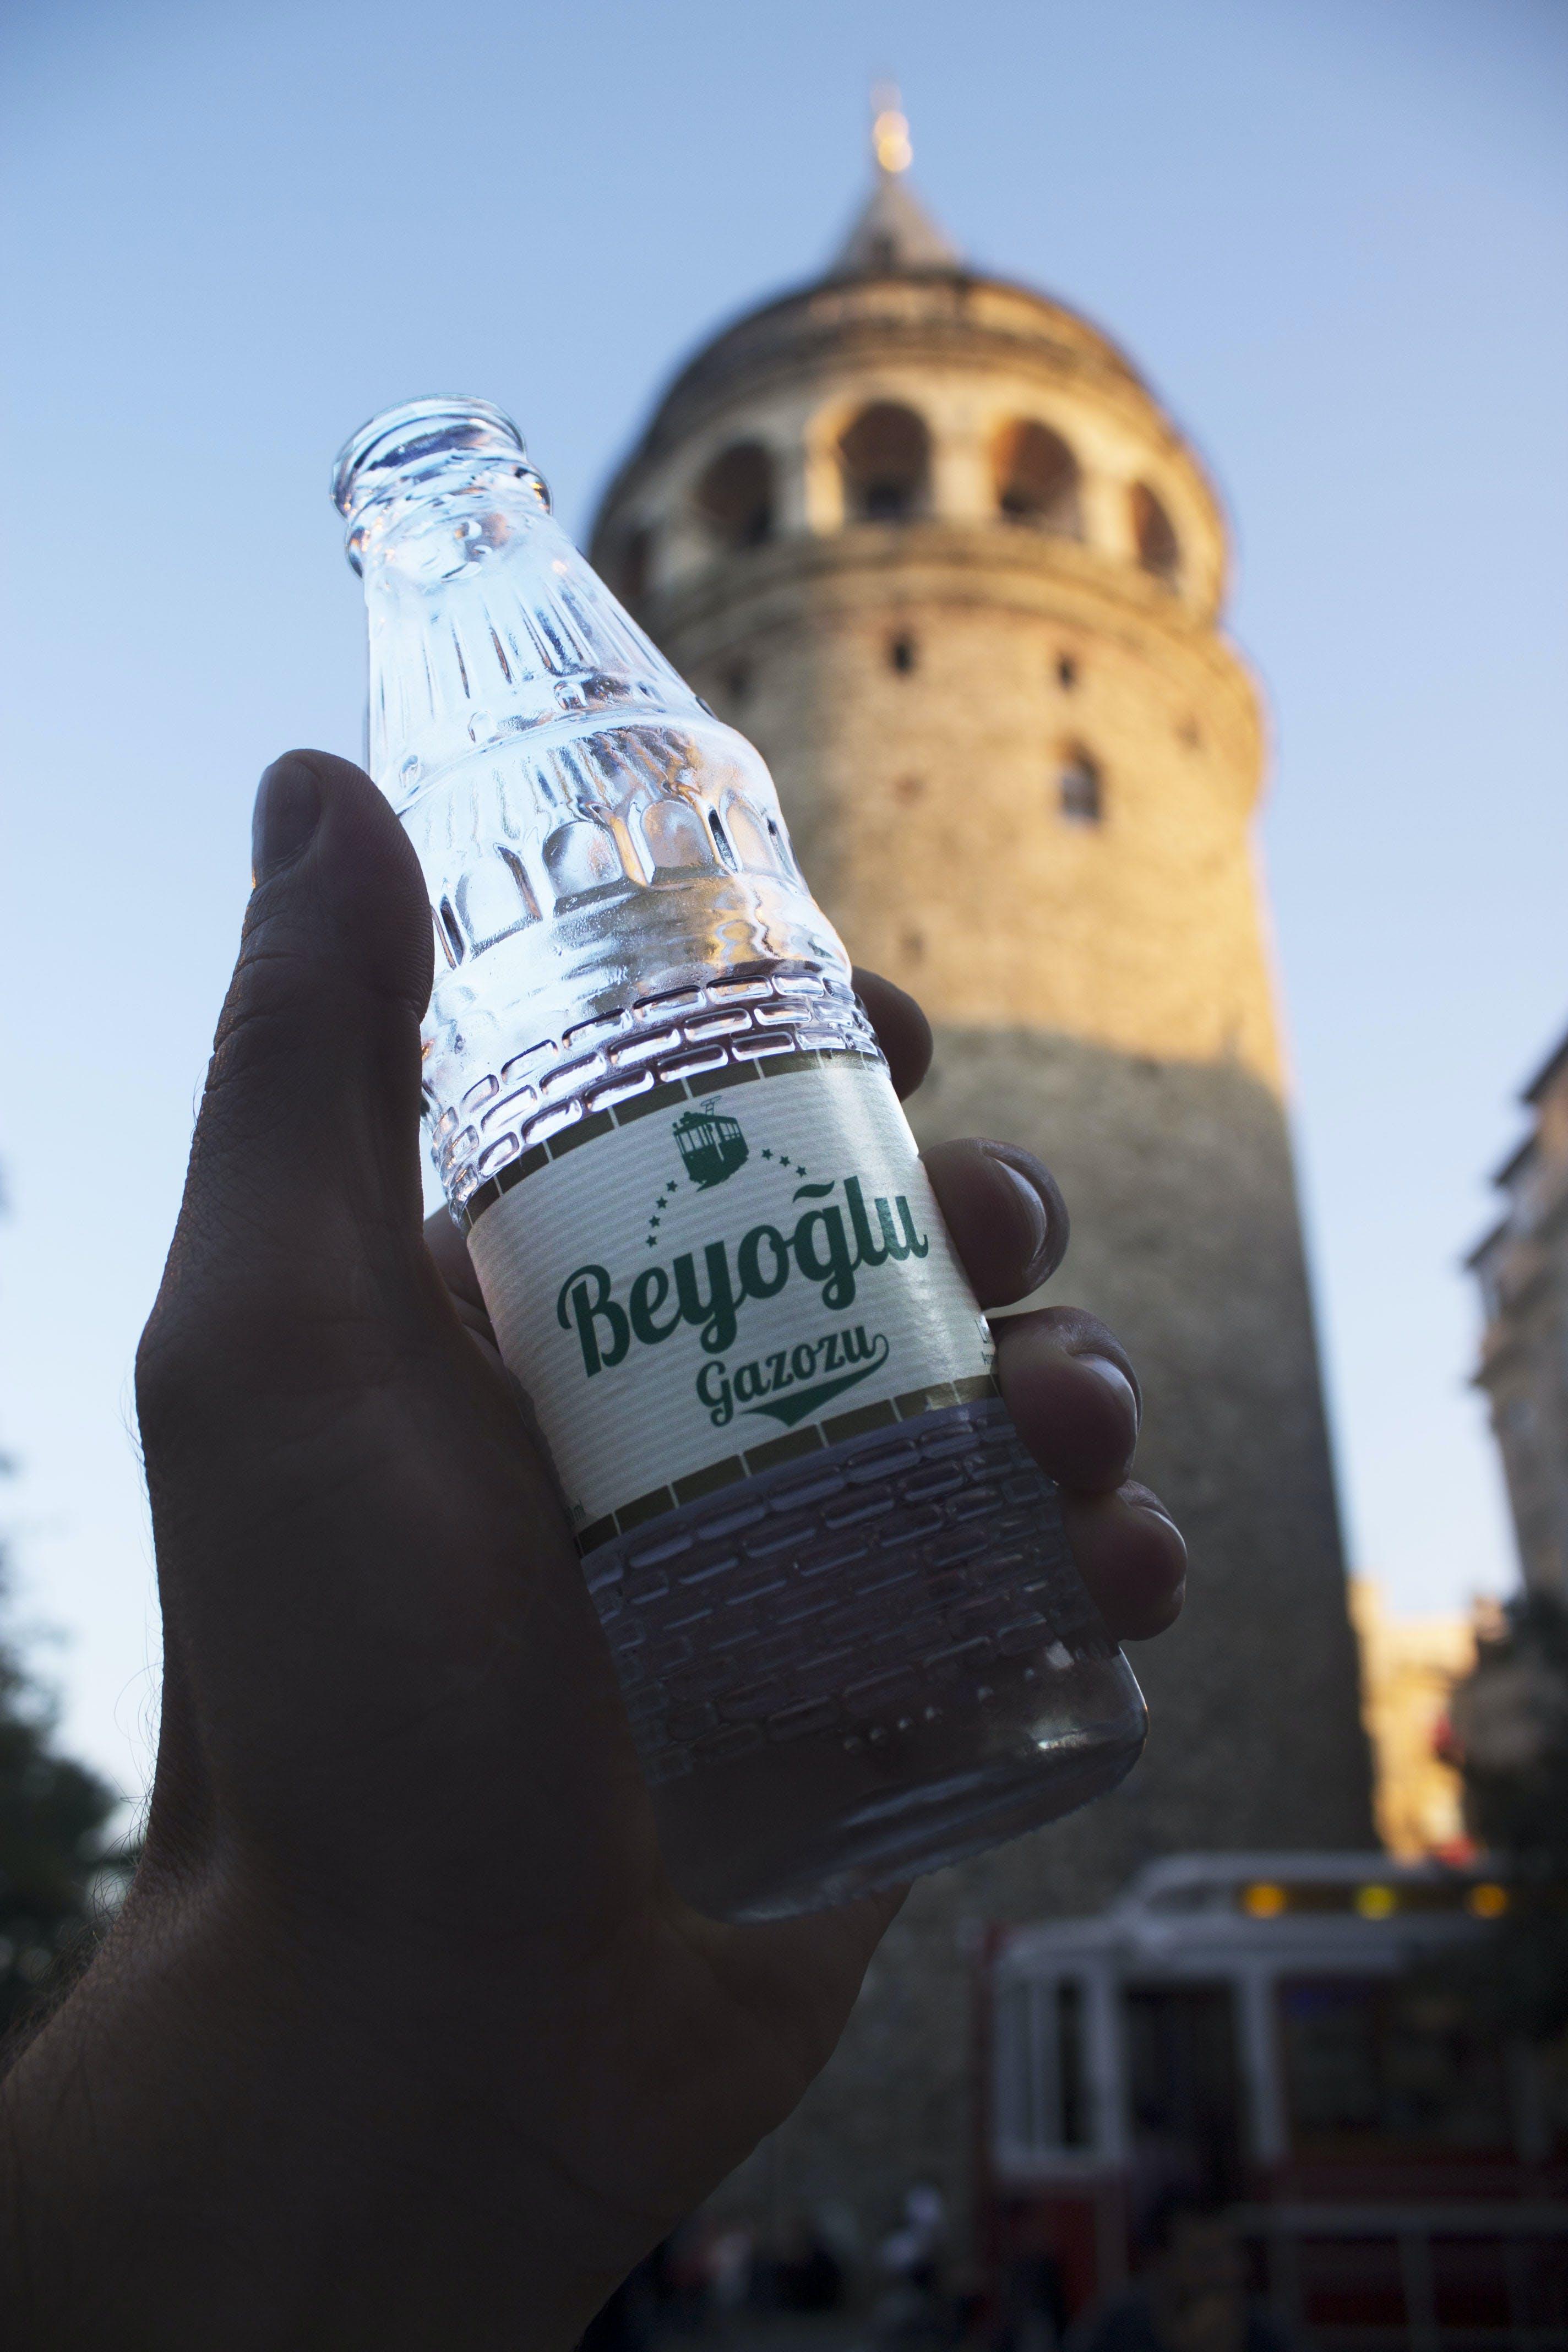 Free stock photo of beyoglu, both, galata kulesi, gazoz